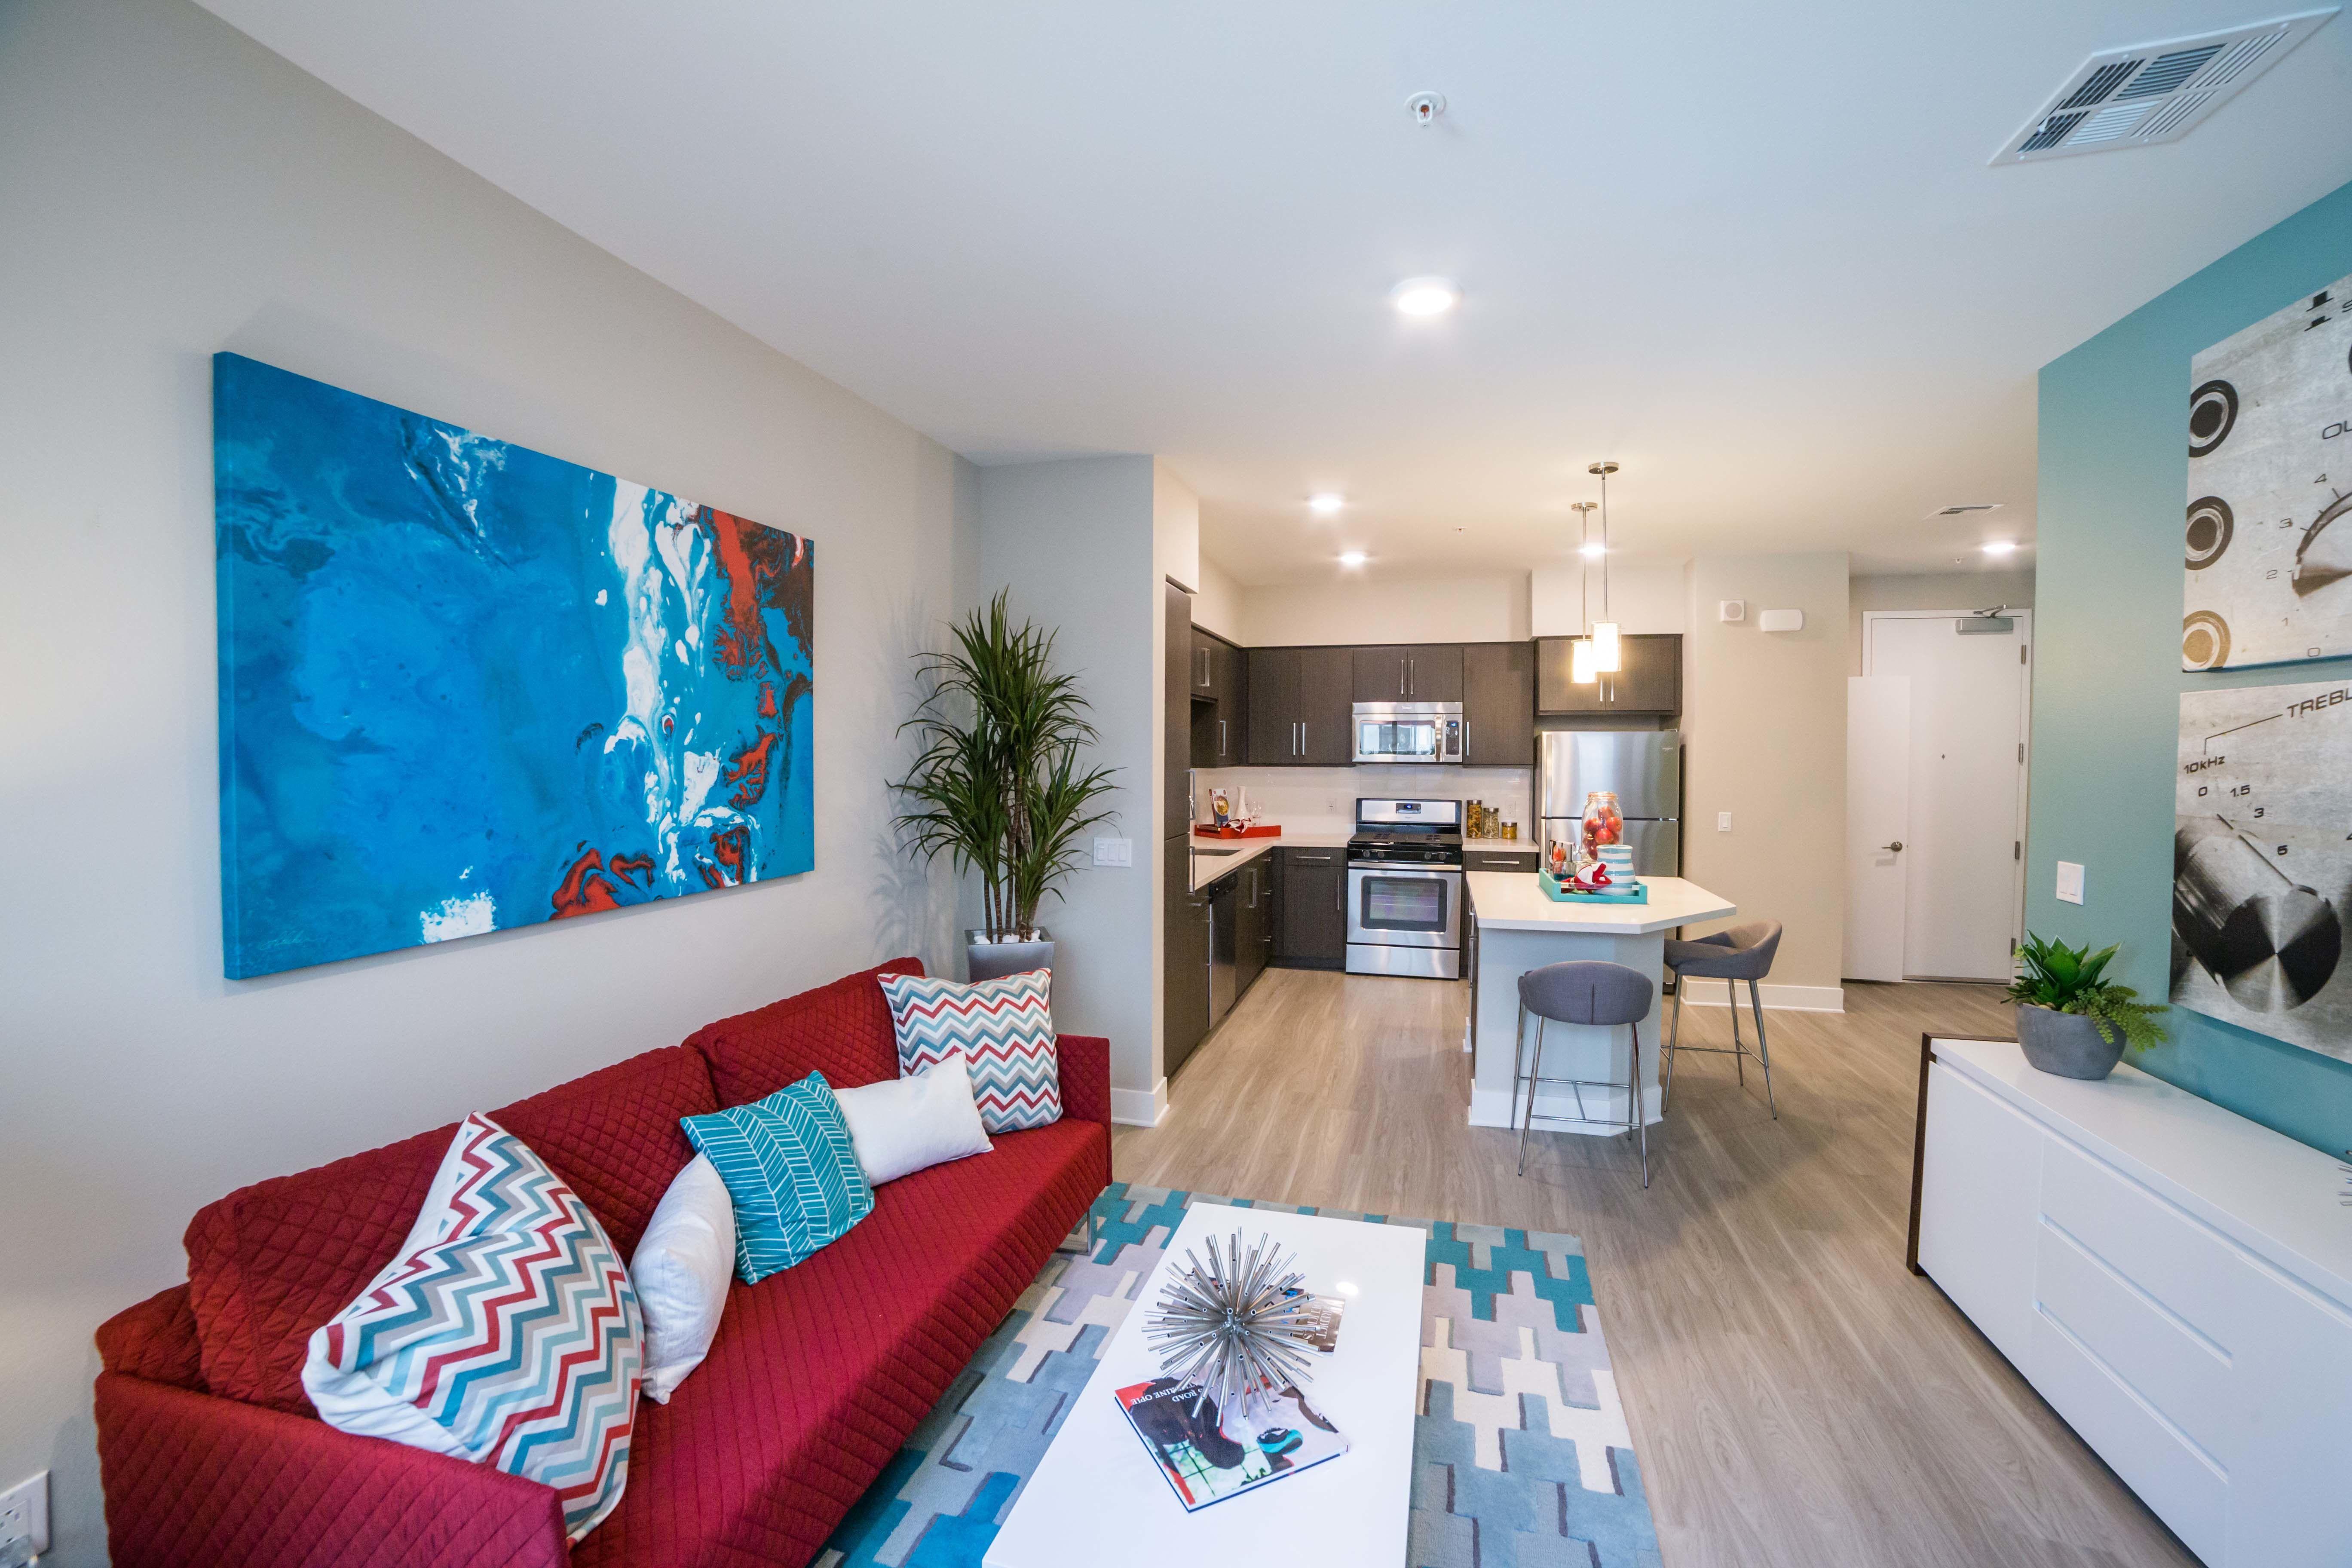 Wonderful Image of Apartment For Rent (met afbeeldingen)